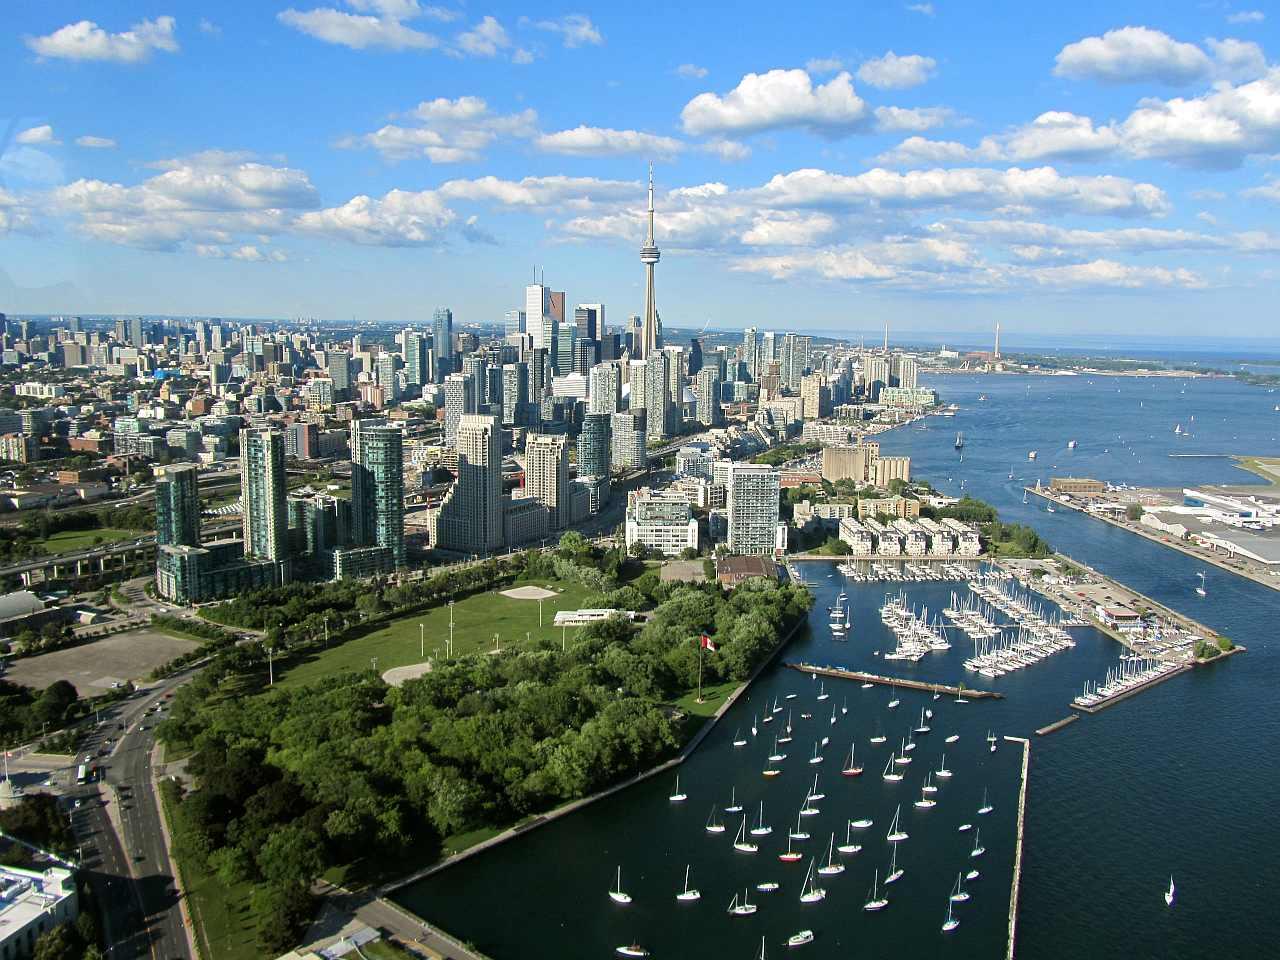 加拿大贷款 多伦多商业地产 贷款 加拿大商业地产服务协会